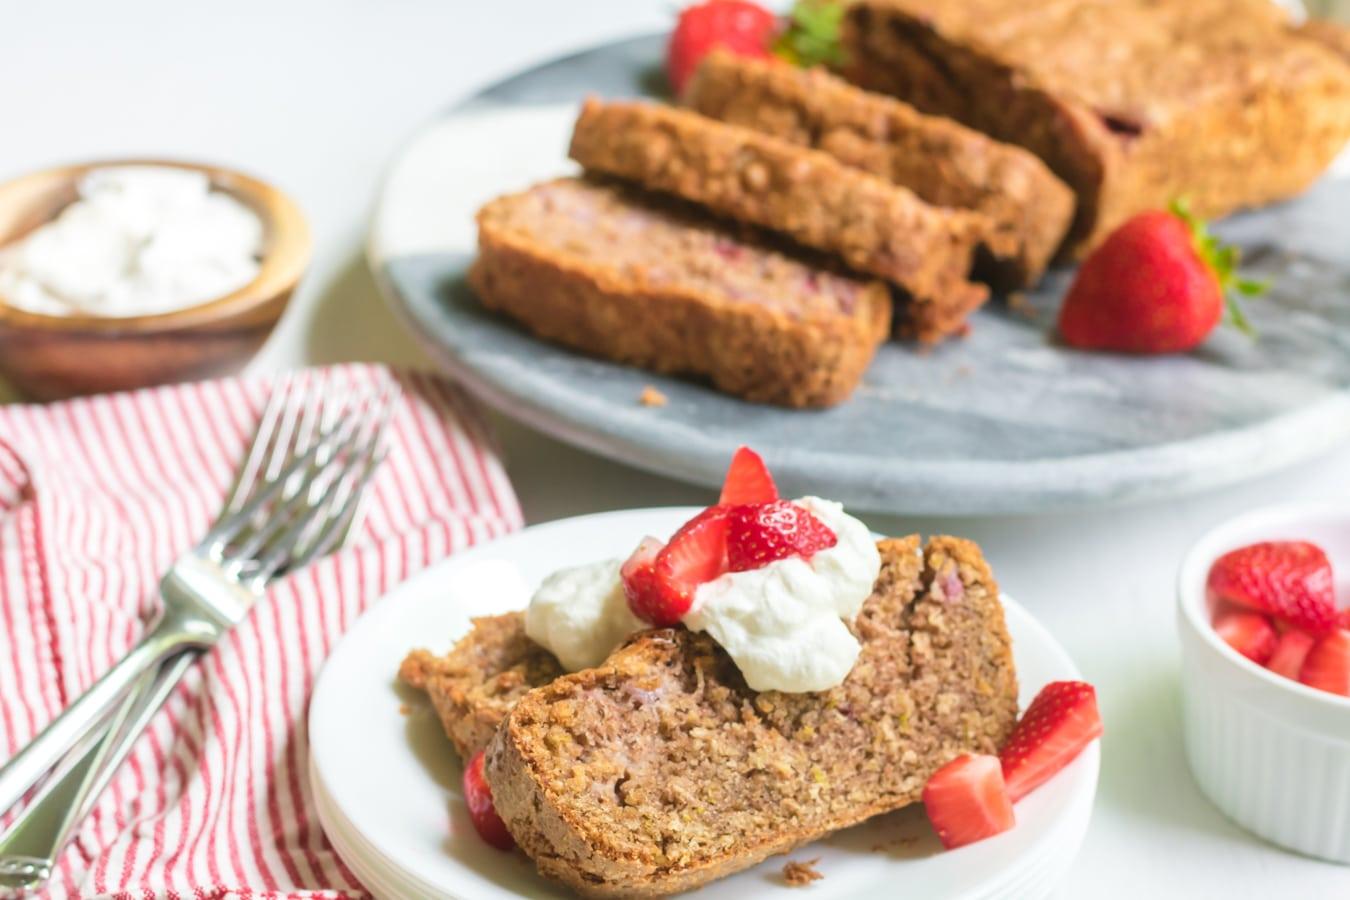 Strawberry Quick Bread sliced